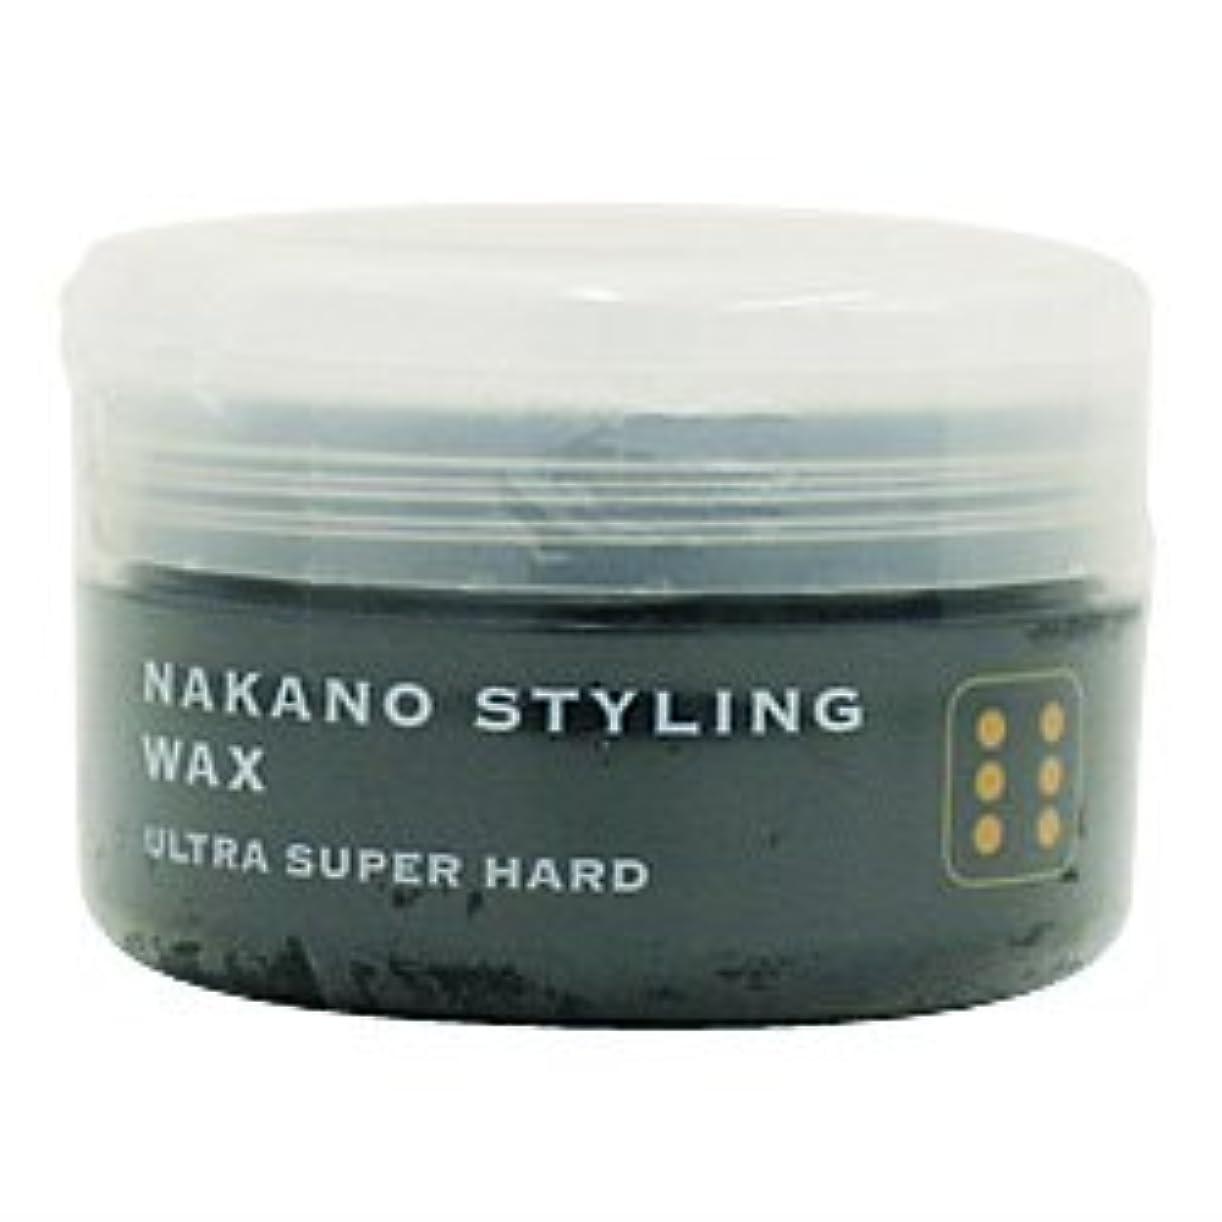 却下する郡国家ナカノ スタイリングワックス 6 ウルトラスーパーハード 90g 中野製薬 NAKANO